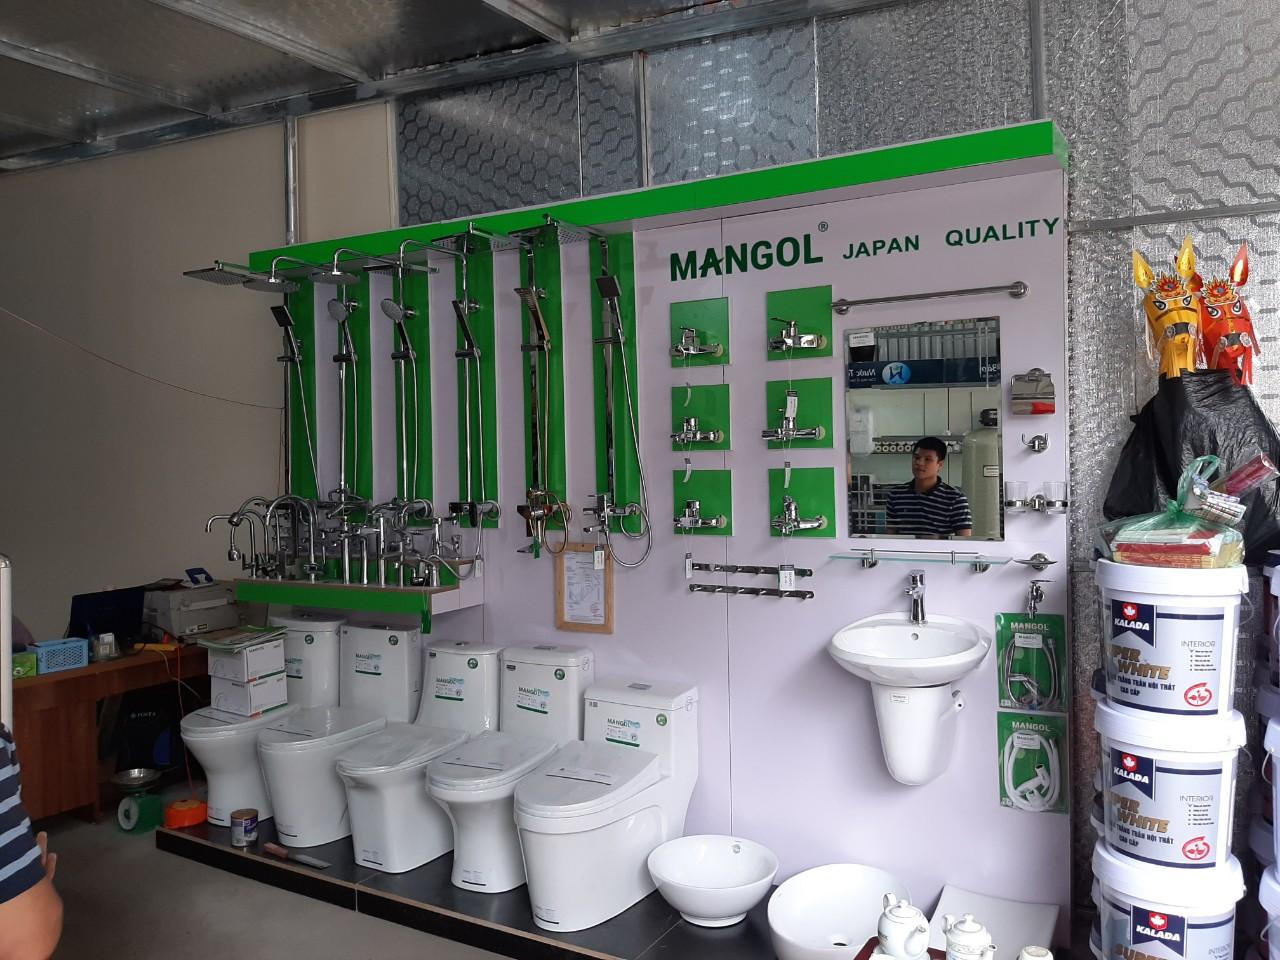 Đơn hàng giá kệ, kinh doanh thiết bị vệ sinh